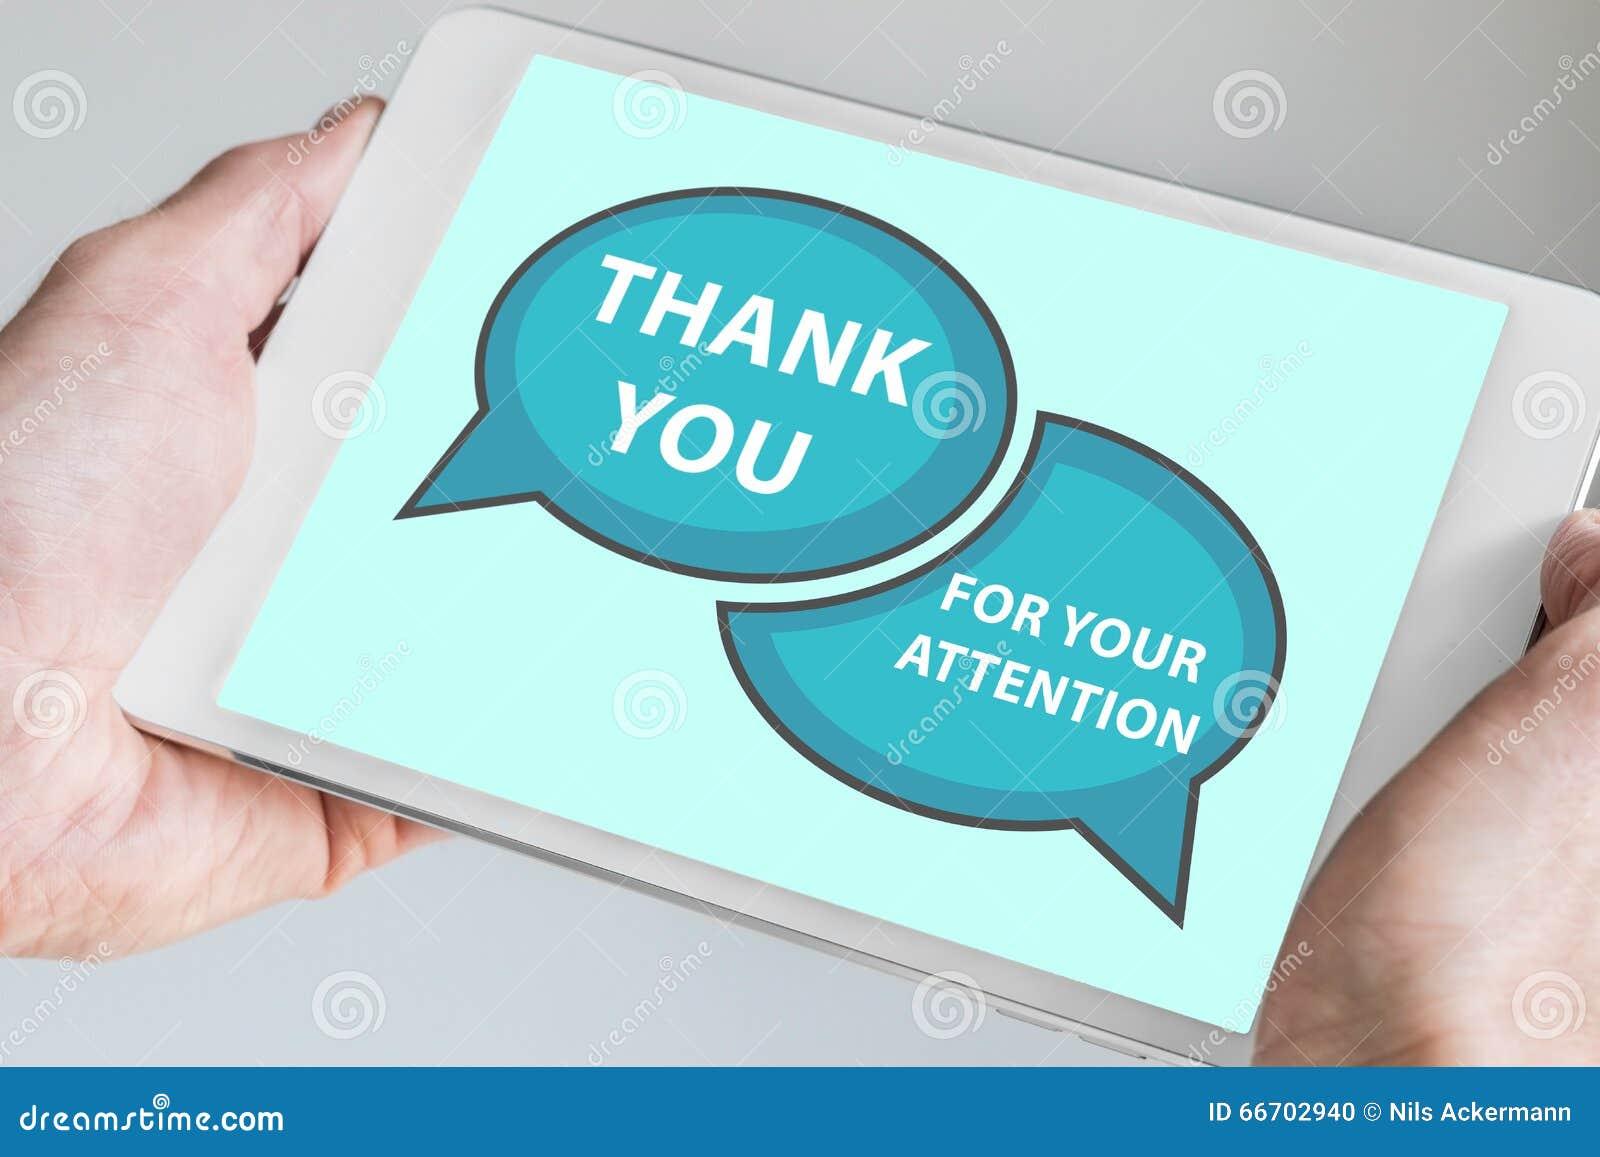 Tacka dig för ditt uppmärksamhetbegrepp med handen som rymmer den moderna pekskärmapparaten som minnestavlan som ska används som